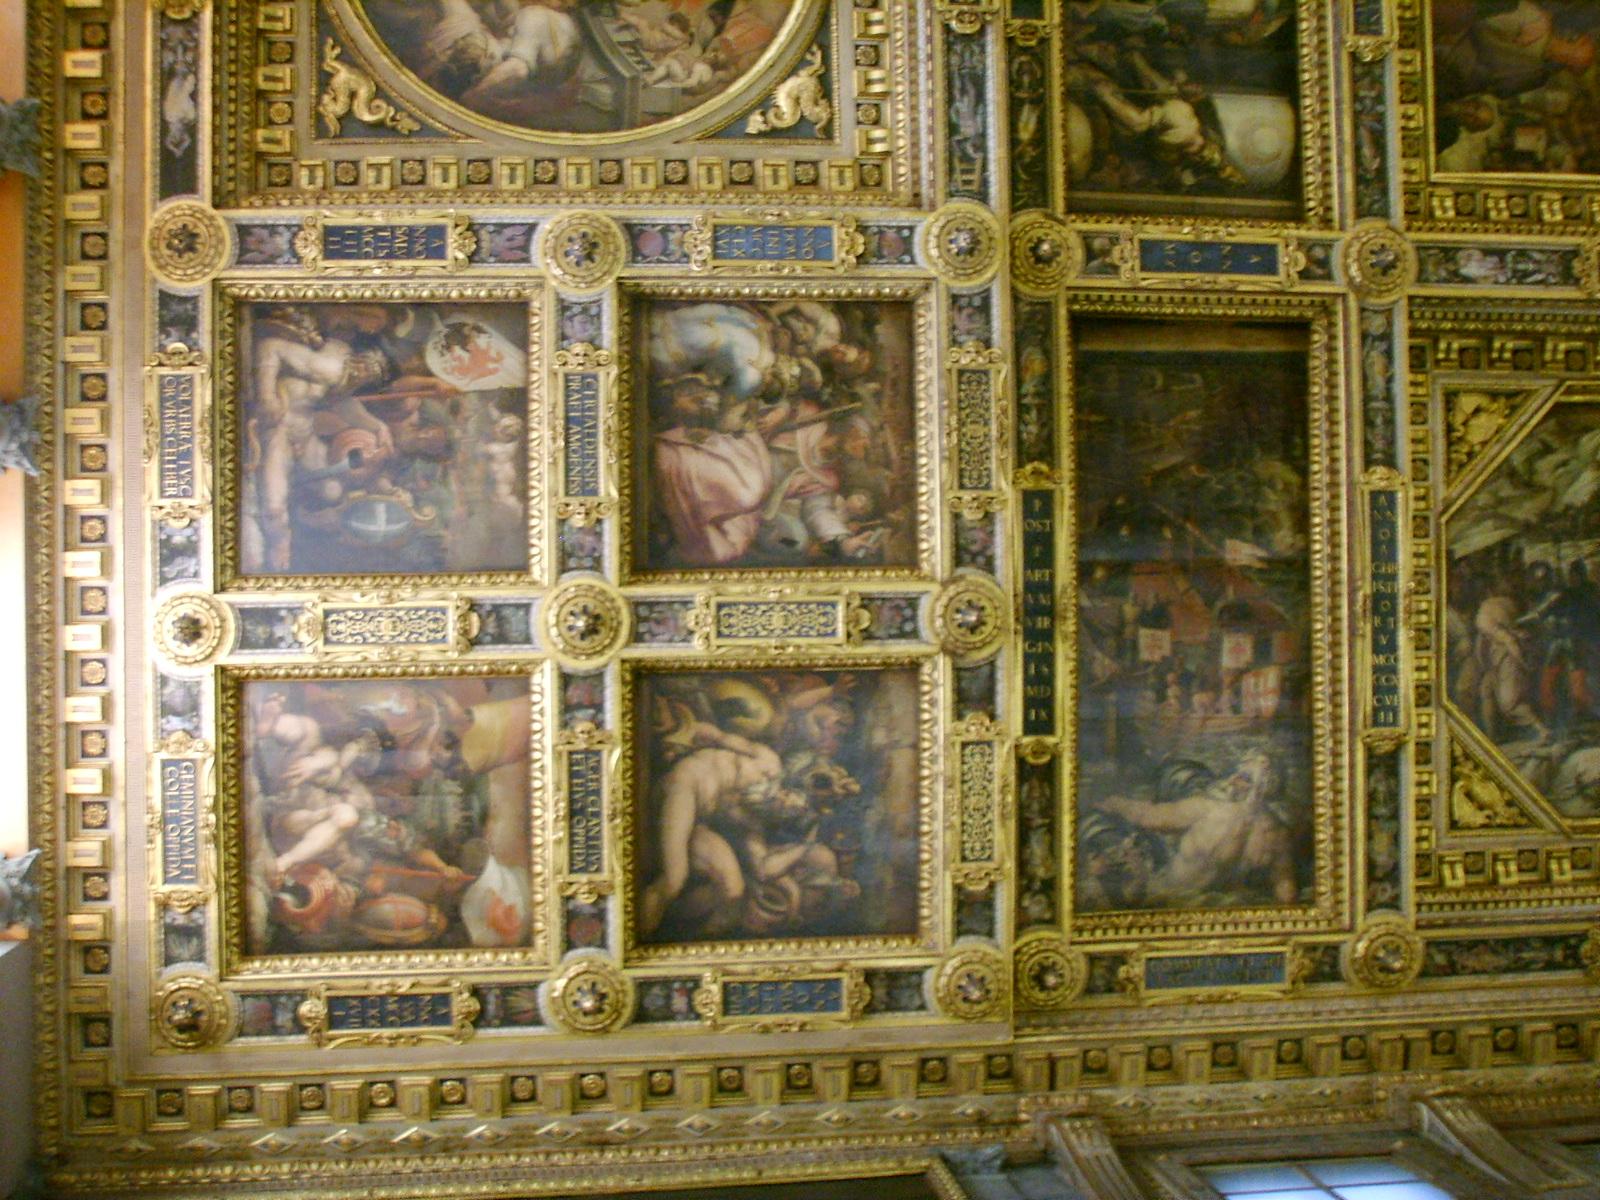 File:Palazzo vecchio, salone dei 500 soffitto 12.JPG - Wikimedia Commons